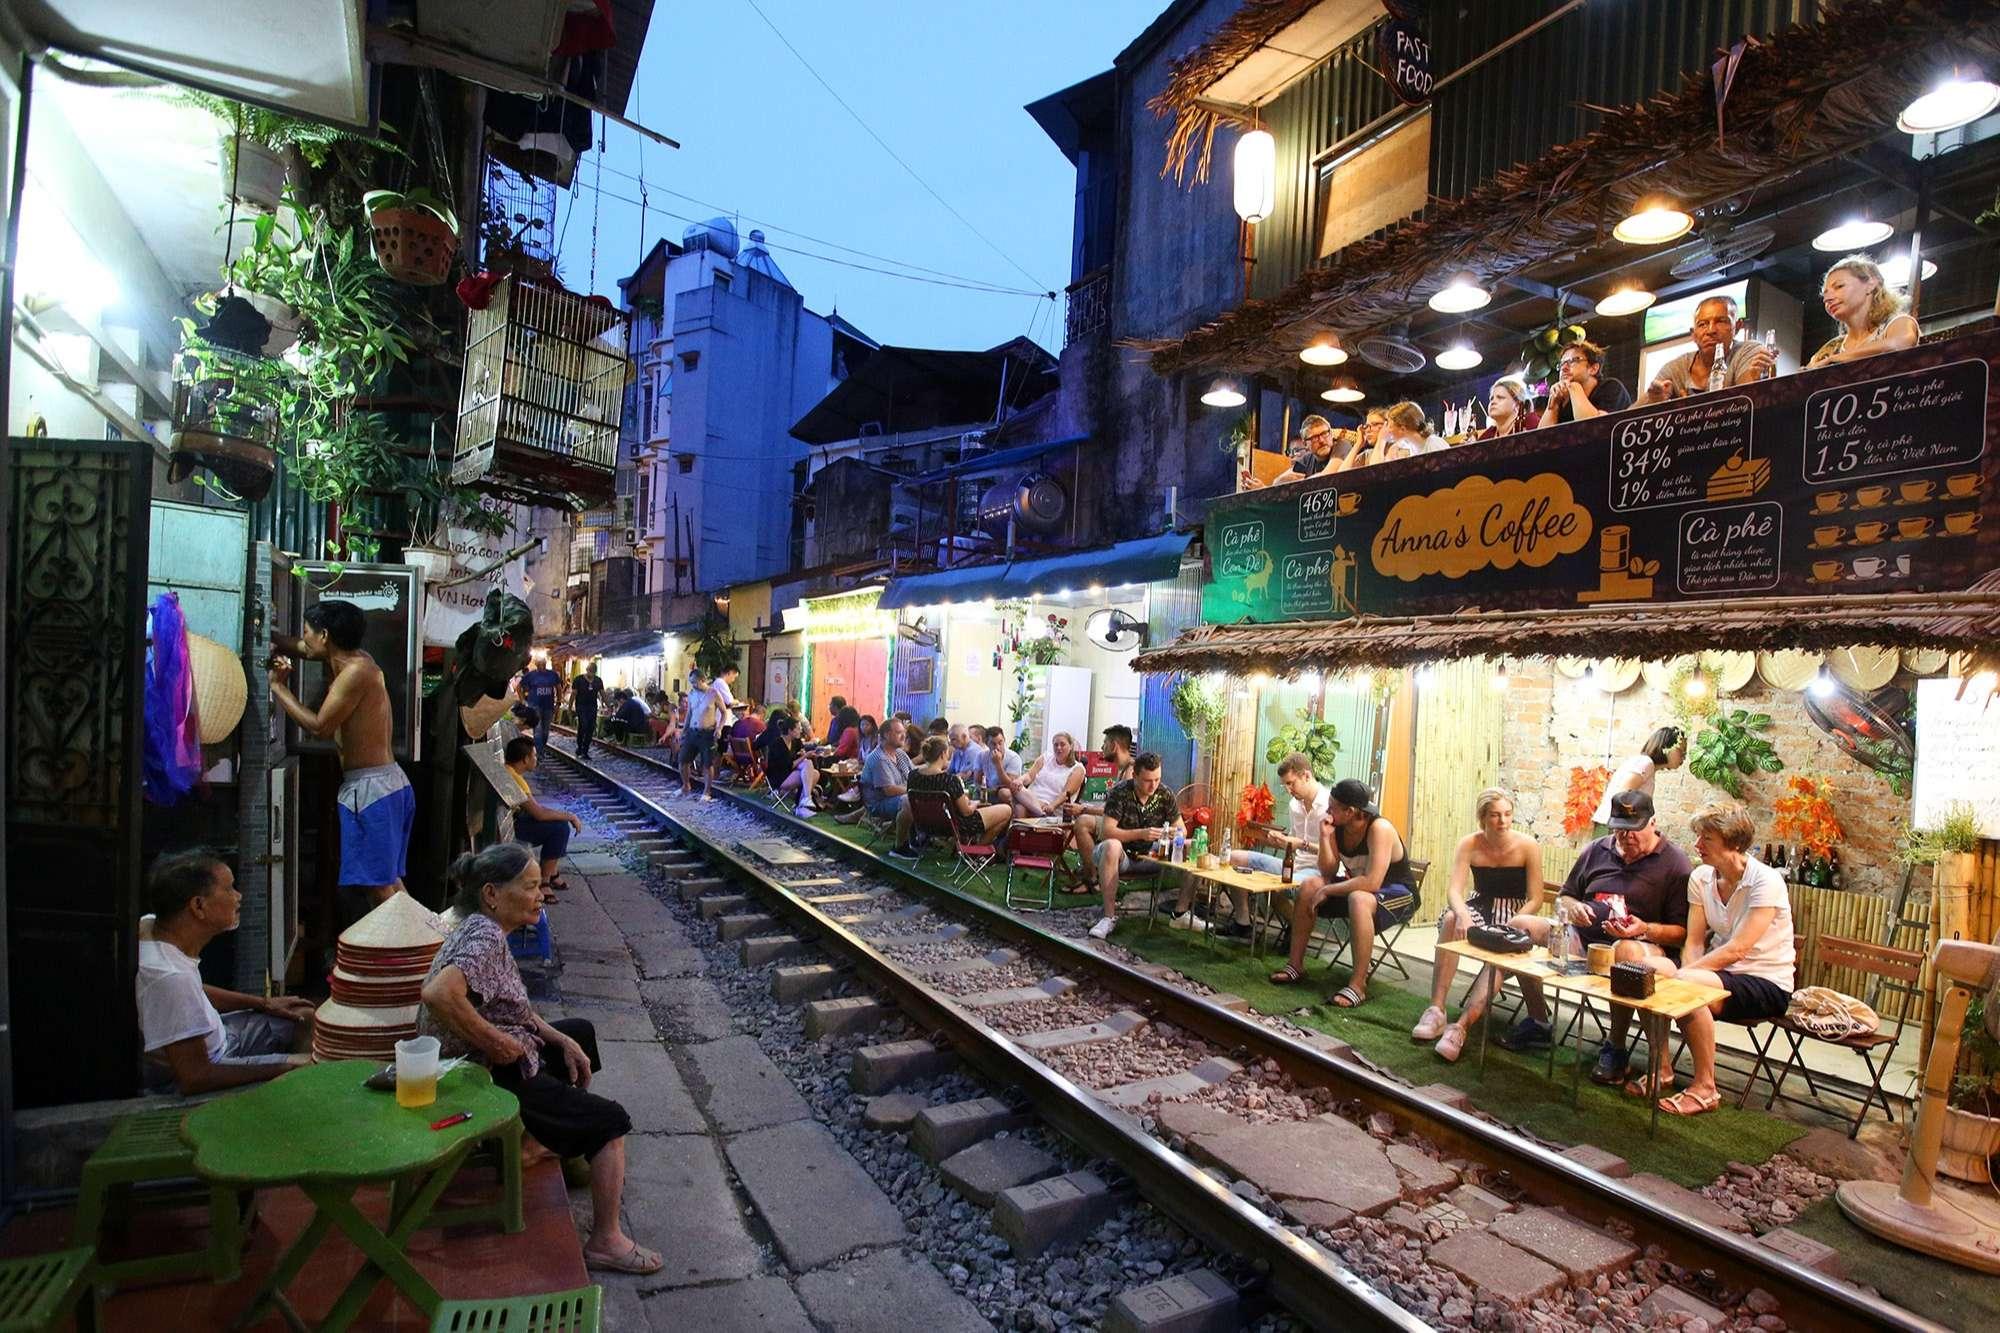 Rất nhiều người đang ngồi trò chuyện vui vẻ, uống nước ở hàng quán bên cạnh đường tàu